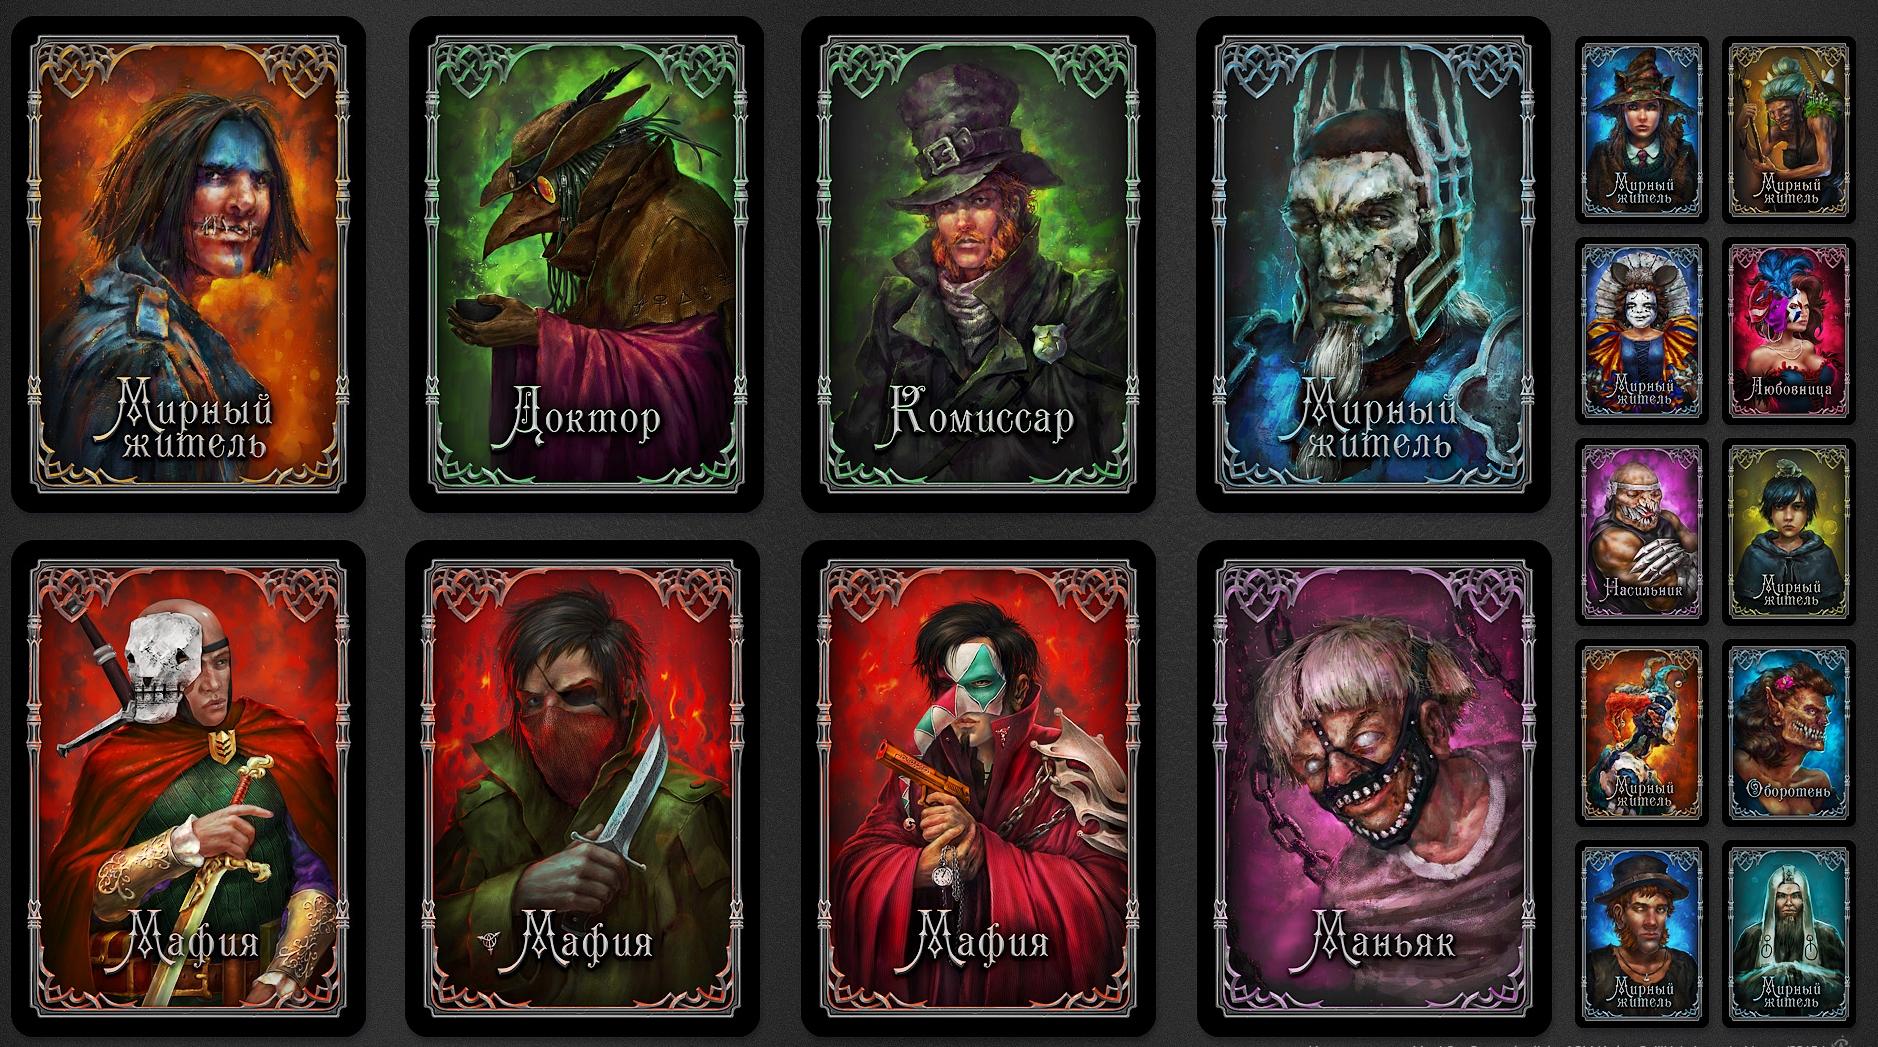 картами онлайн с мафия играть